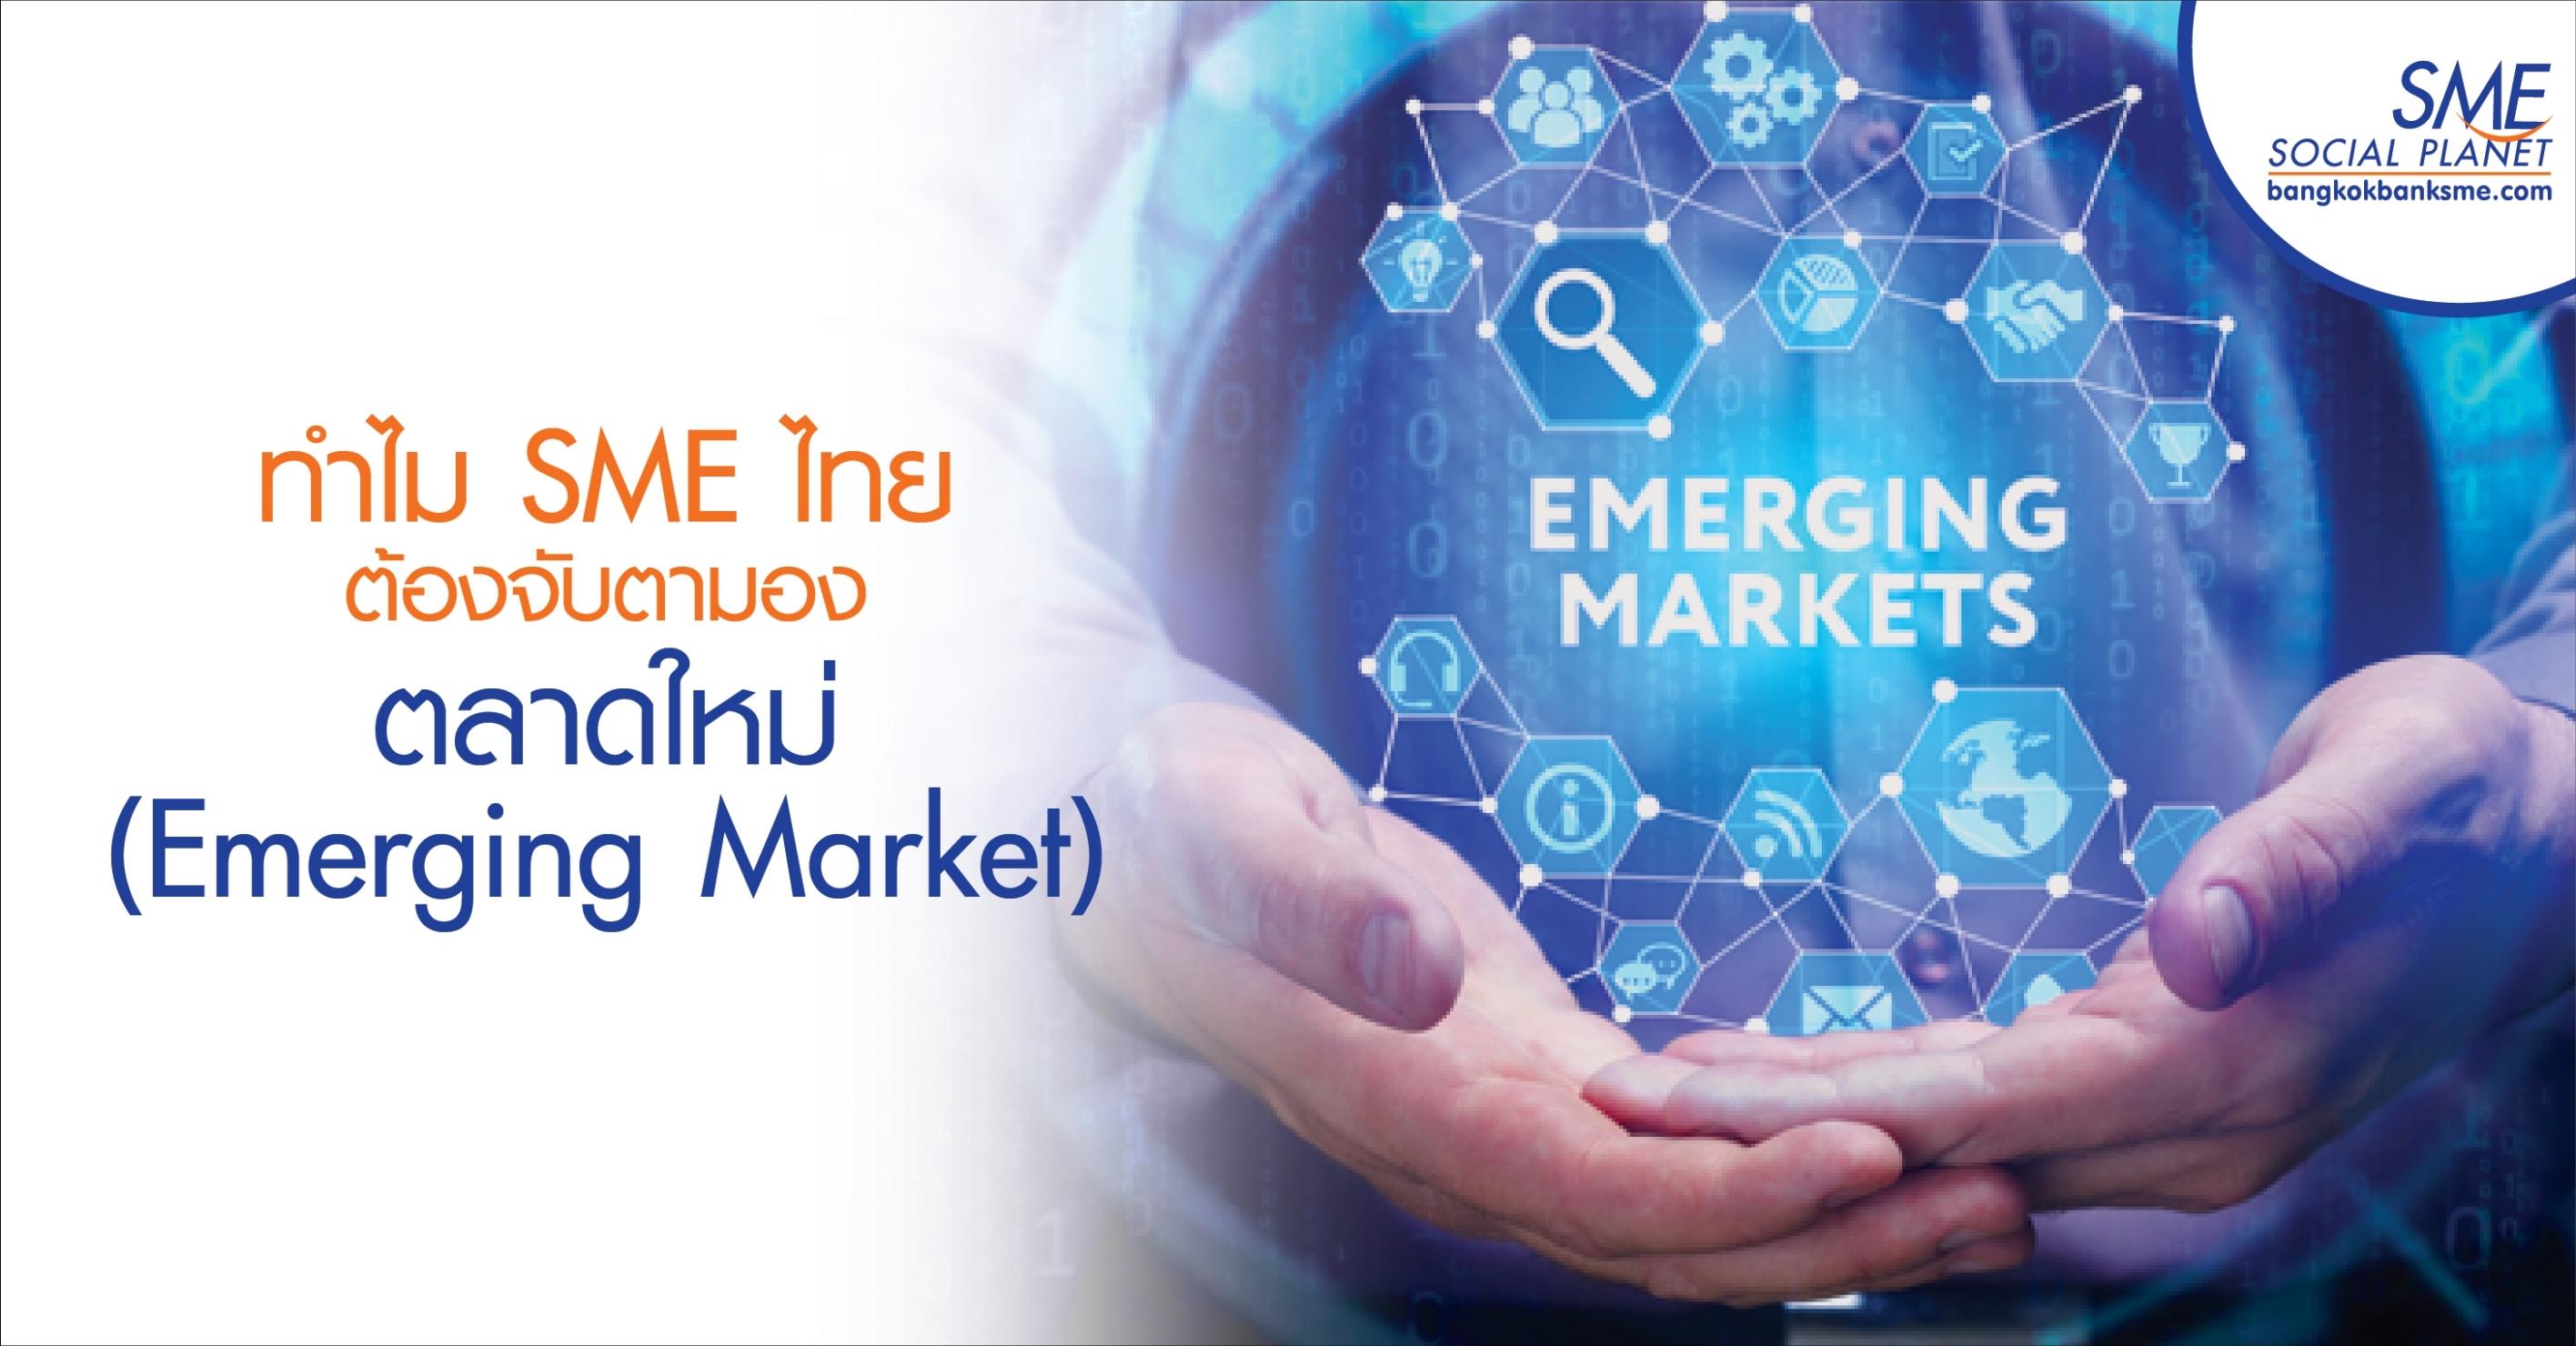 ทำไม SME ไทยต้องจับตามองตลาดใหม่ (Emerging Market)